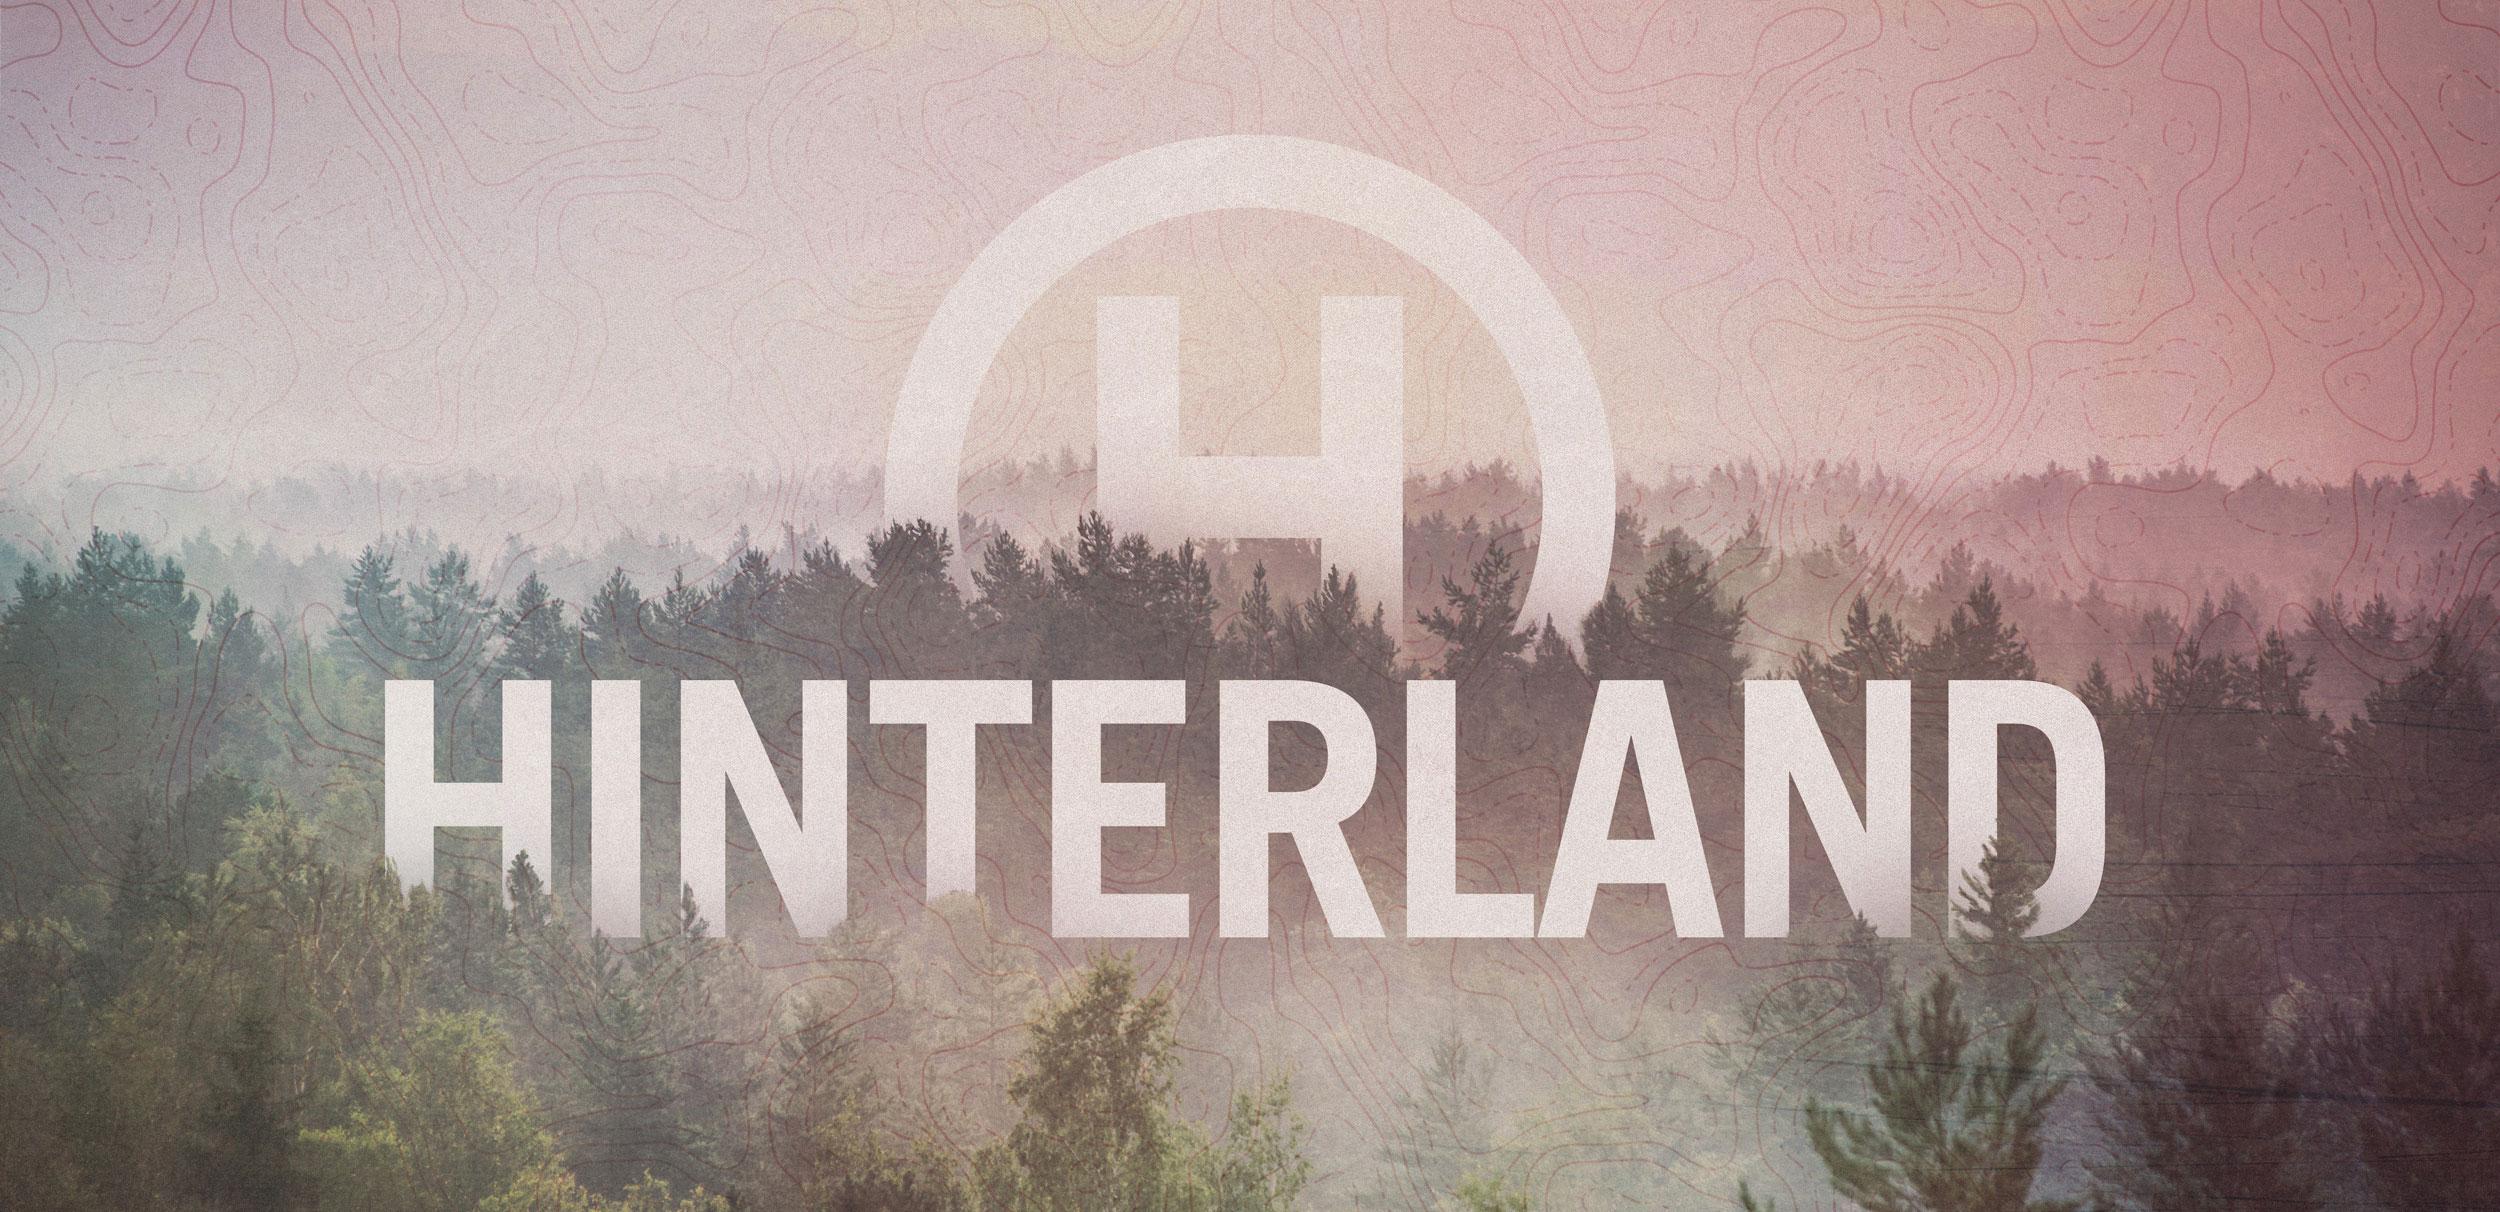 HinterLandscape-Short.jpg